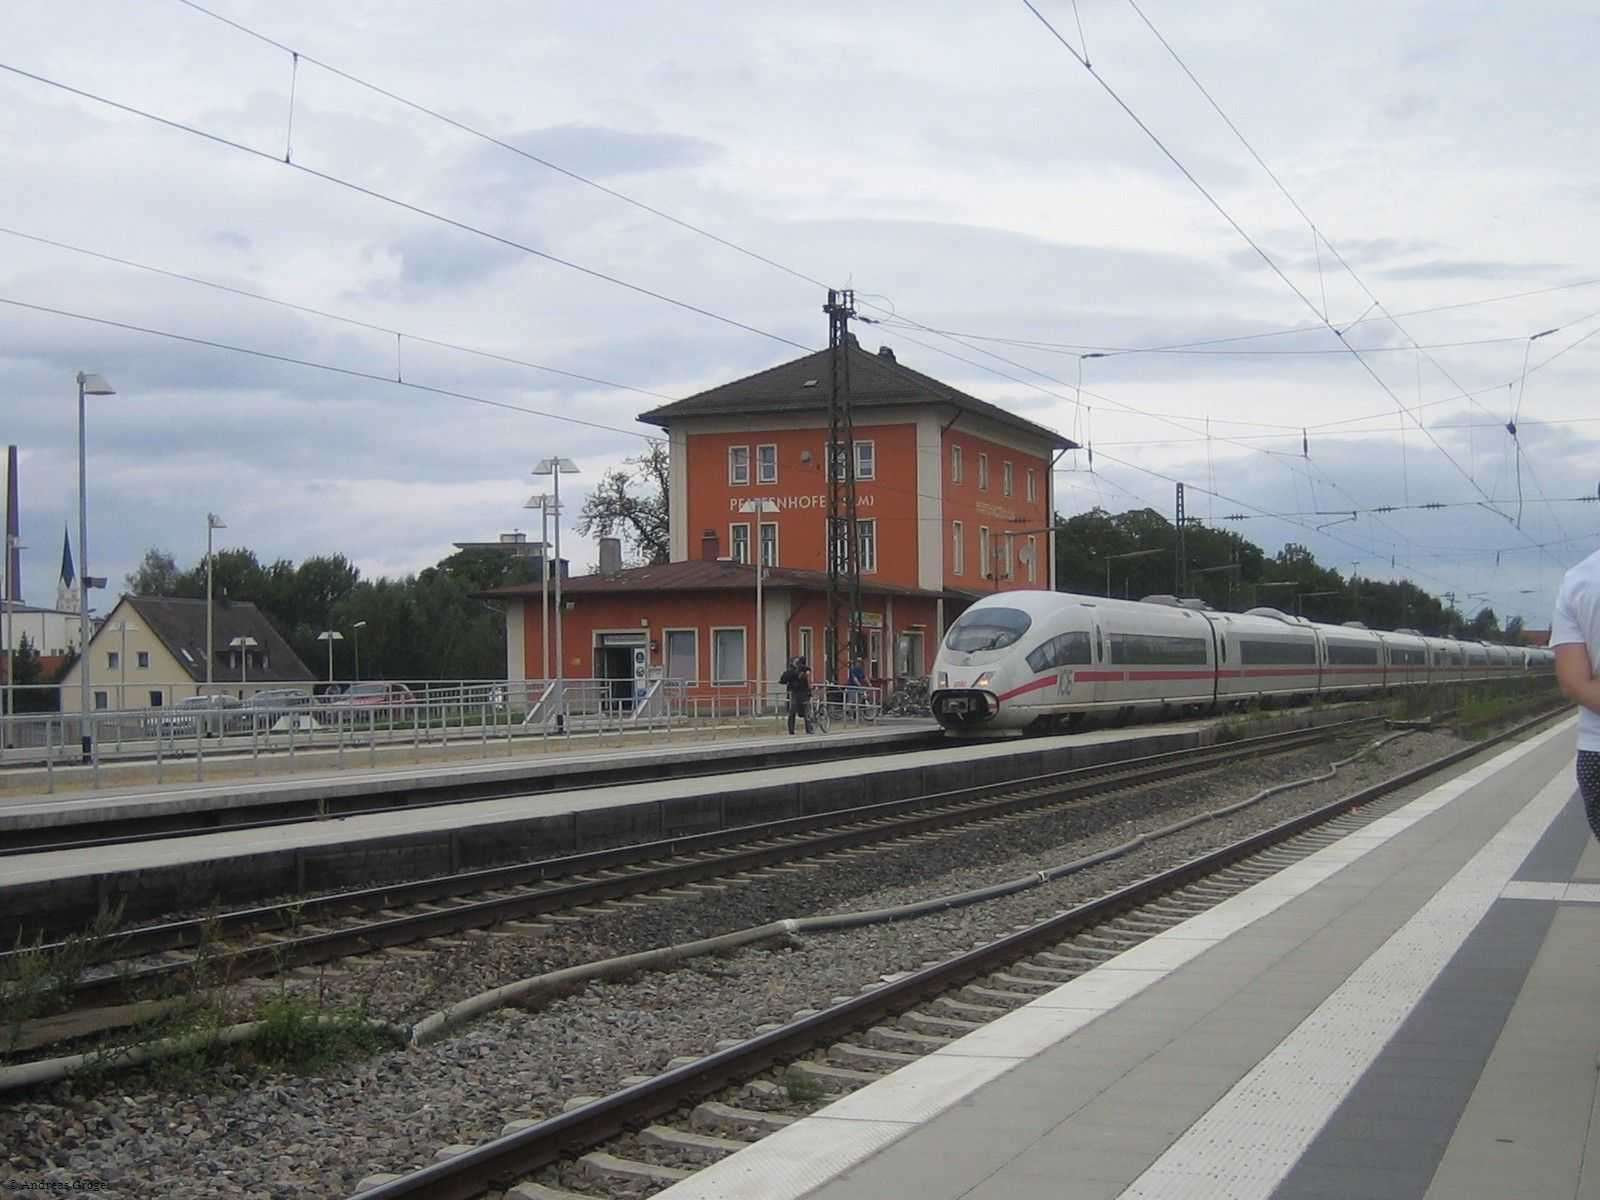 Bahnhof mit durchfahrendem ICE